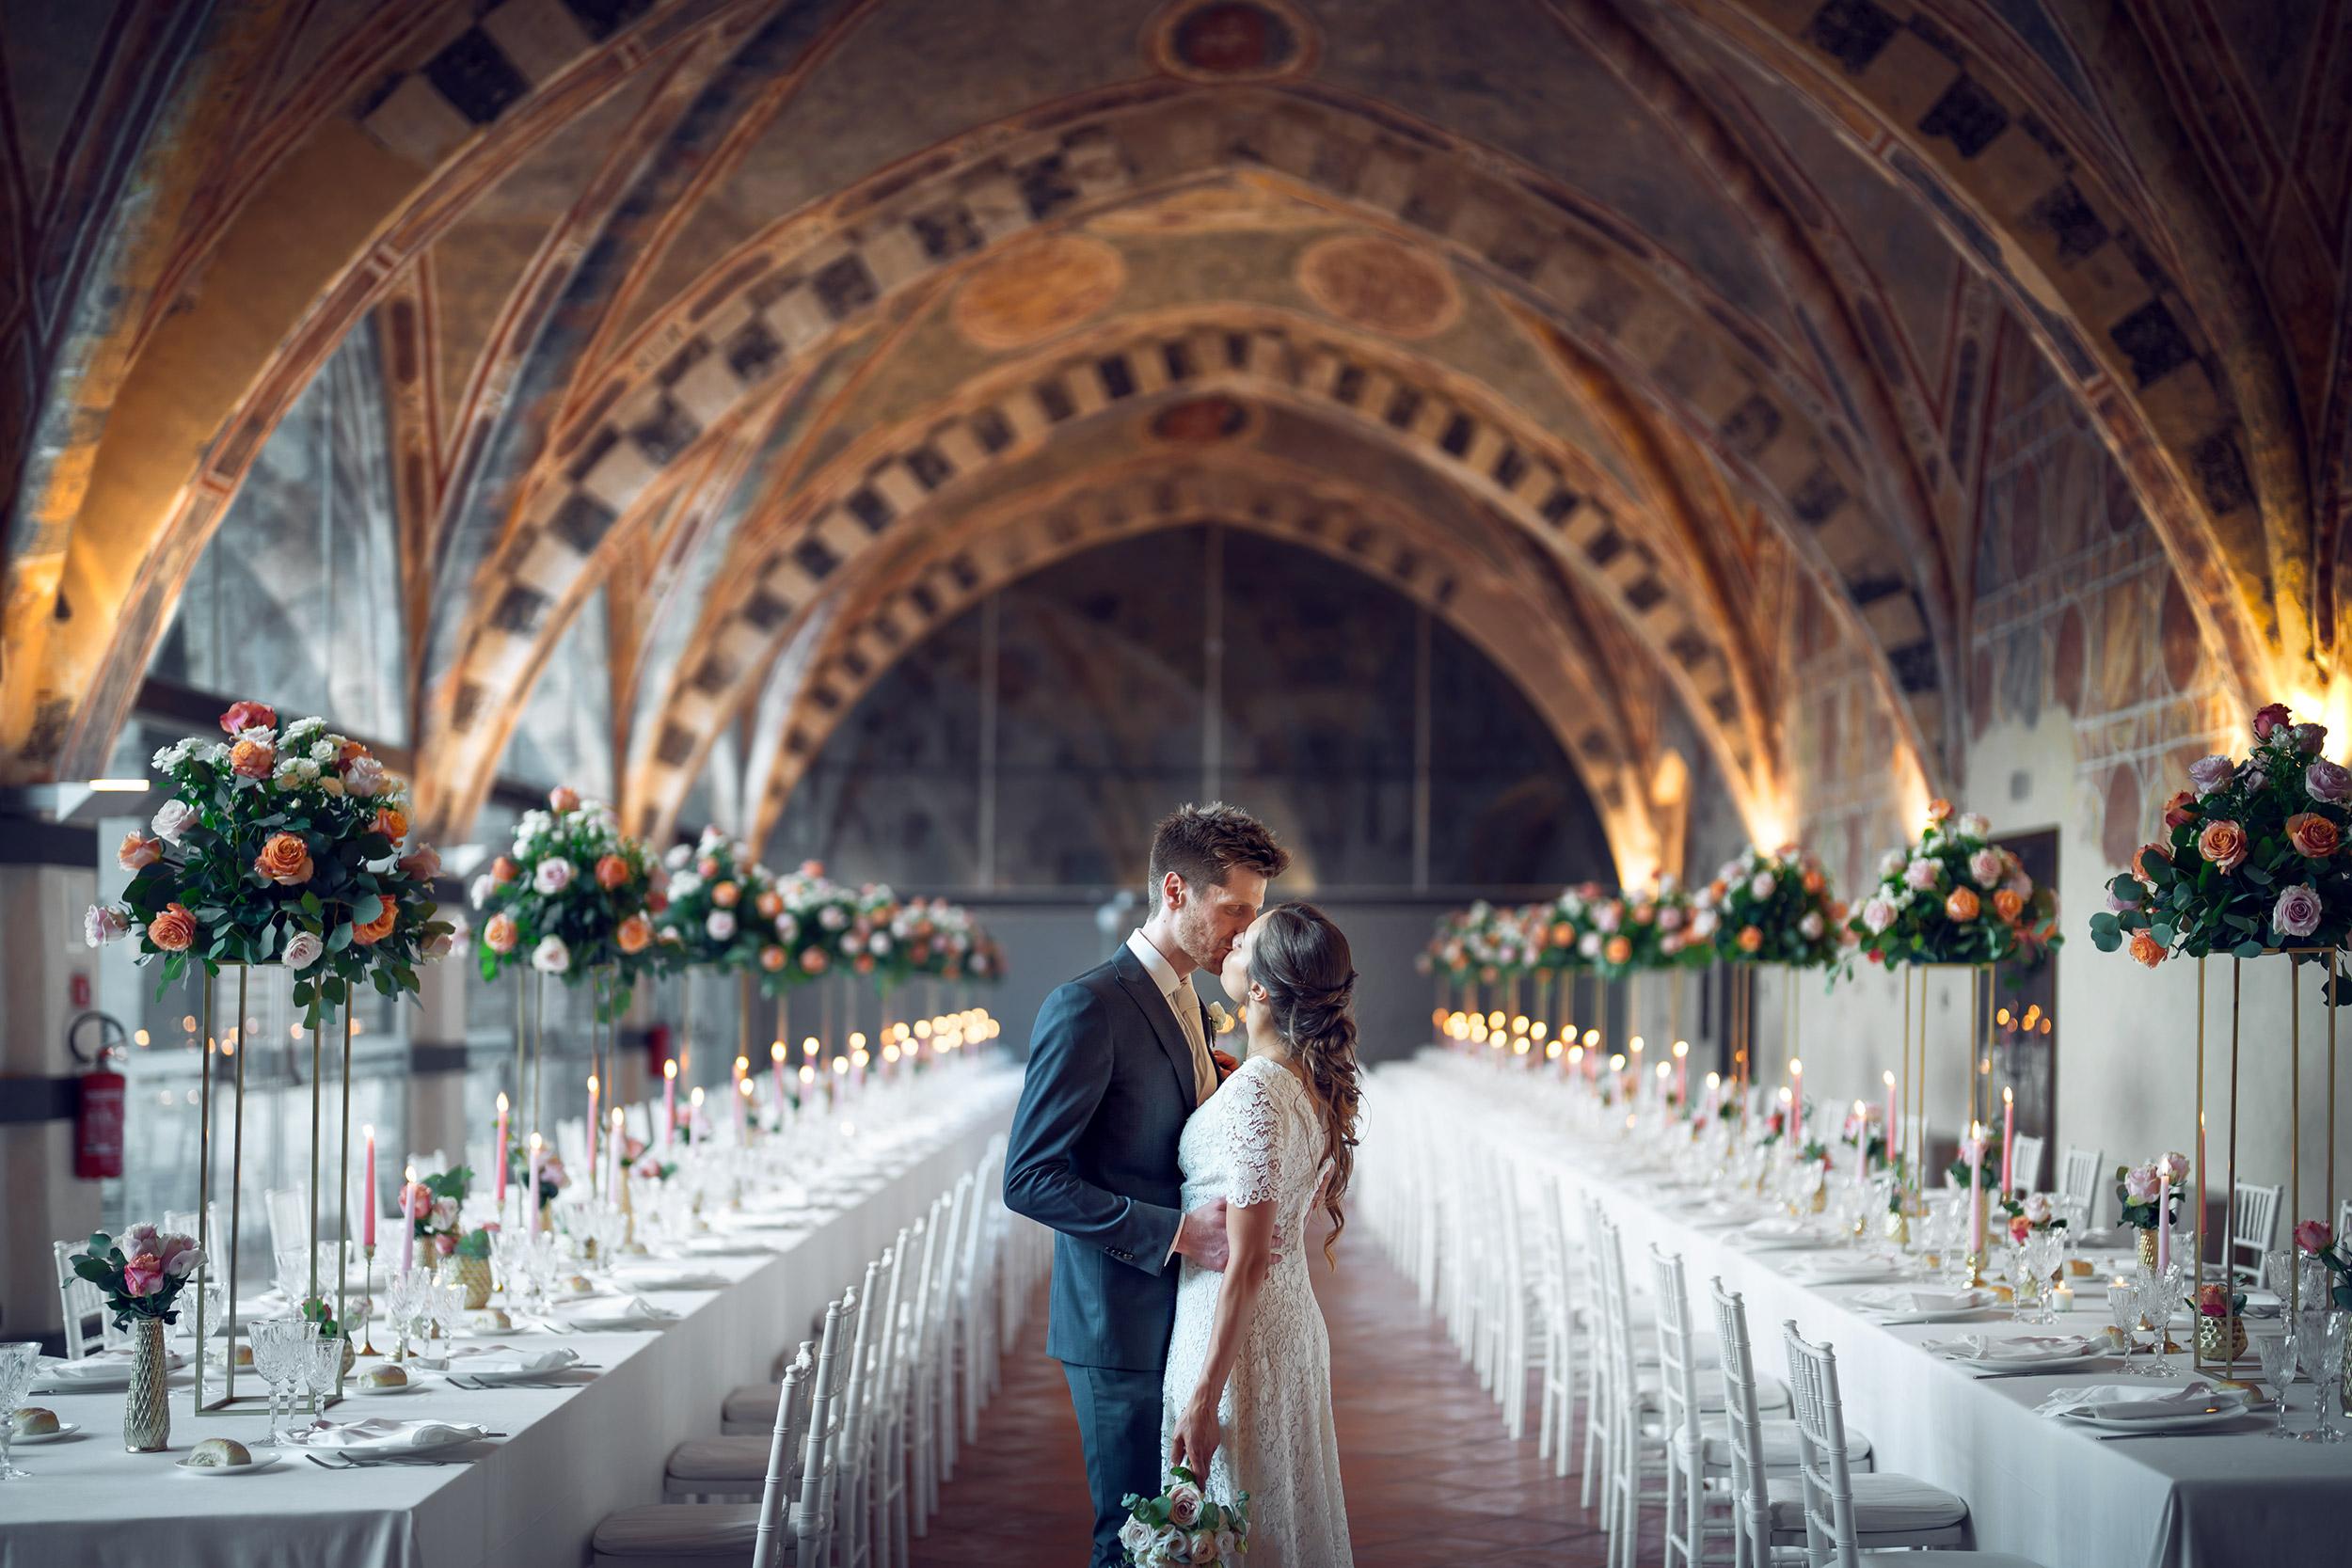 000 fotografo matrimonio reportage wedding sposi castello visconteo cassano d adda milano 3